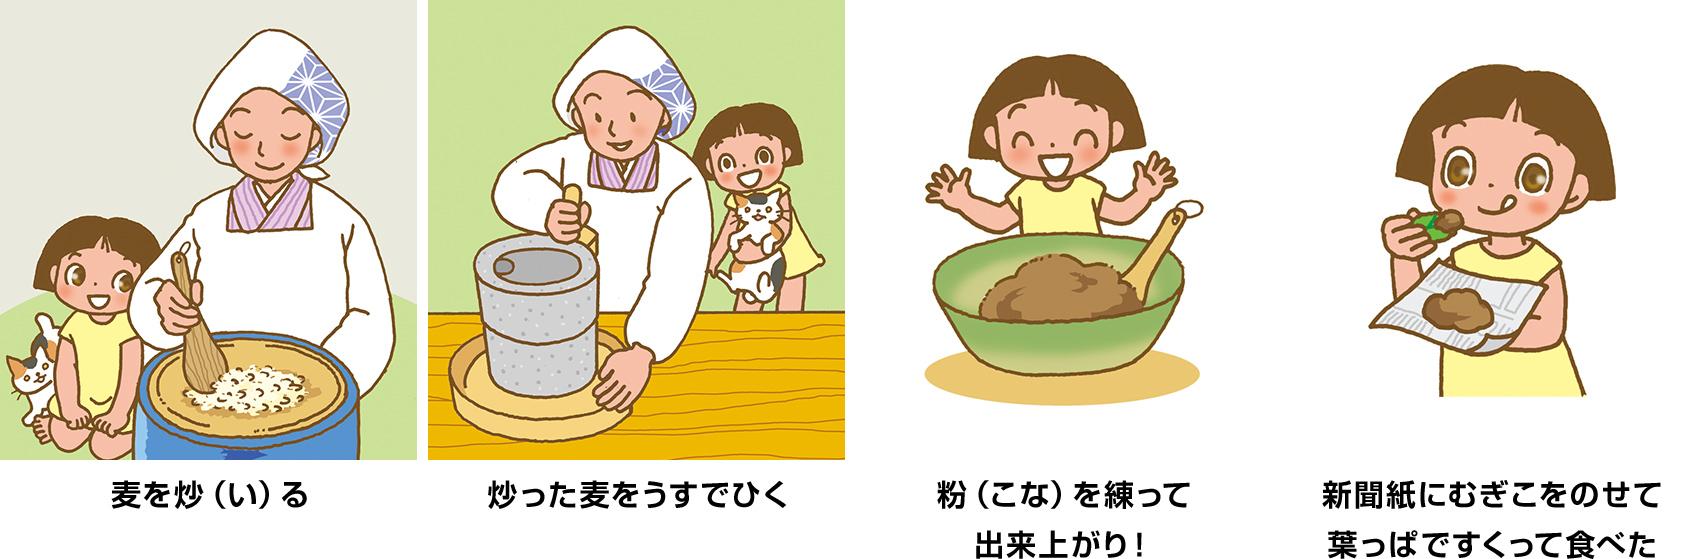 むかしの食べ物の例